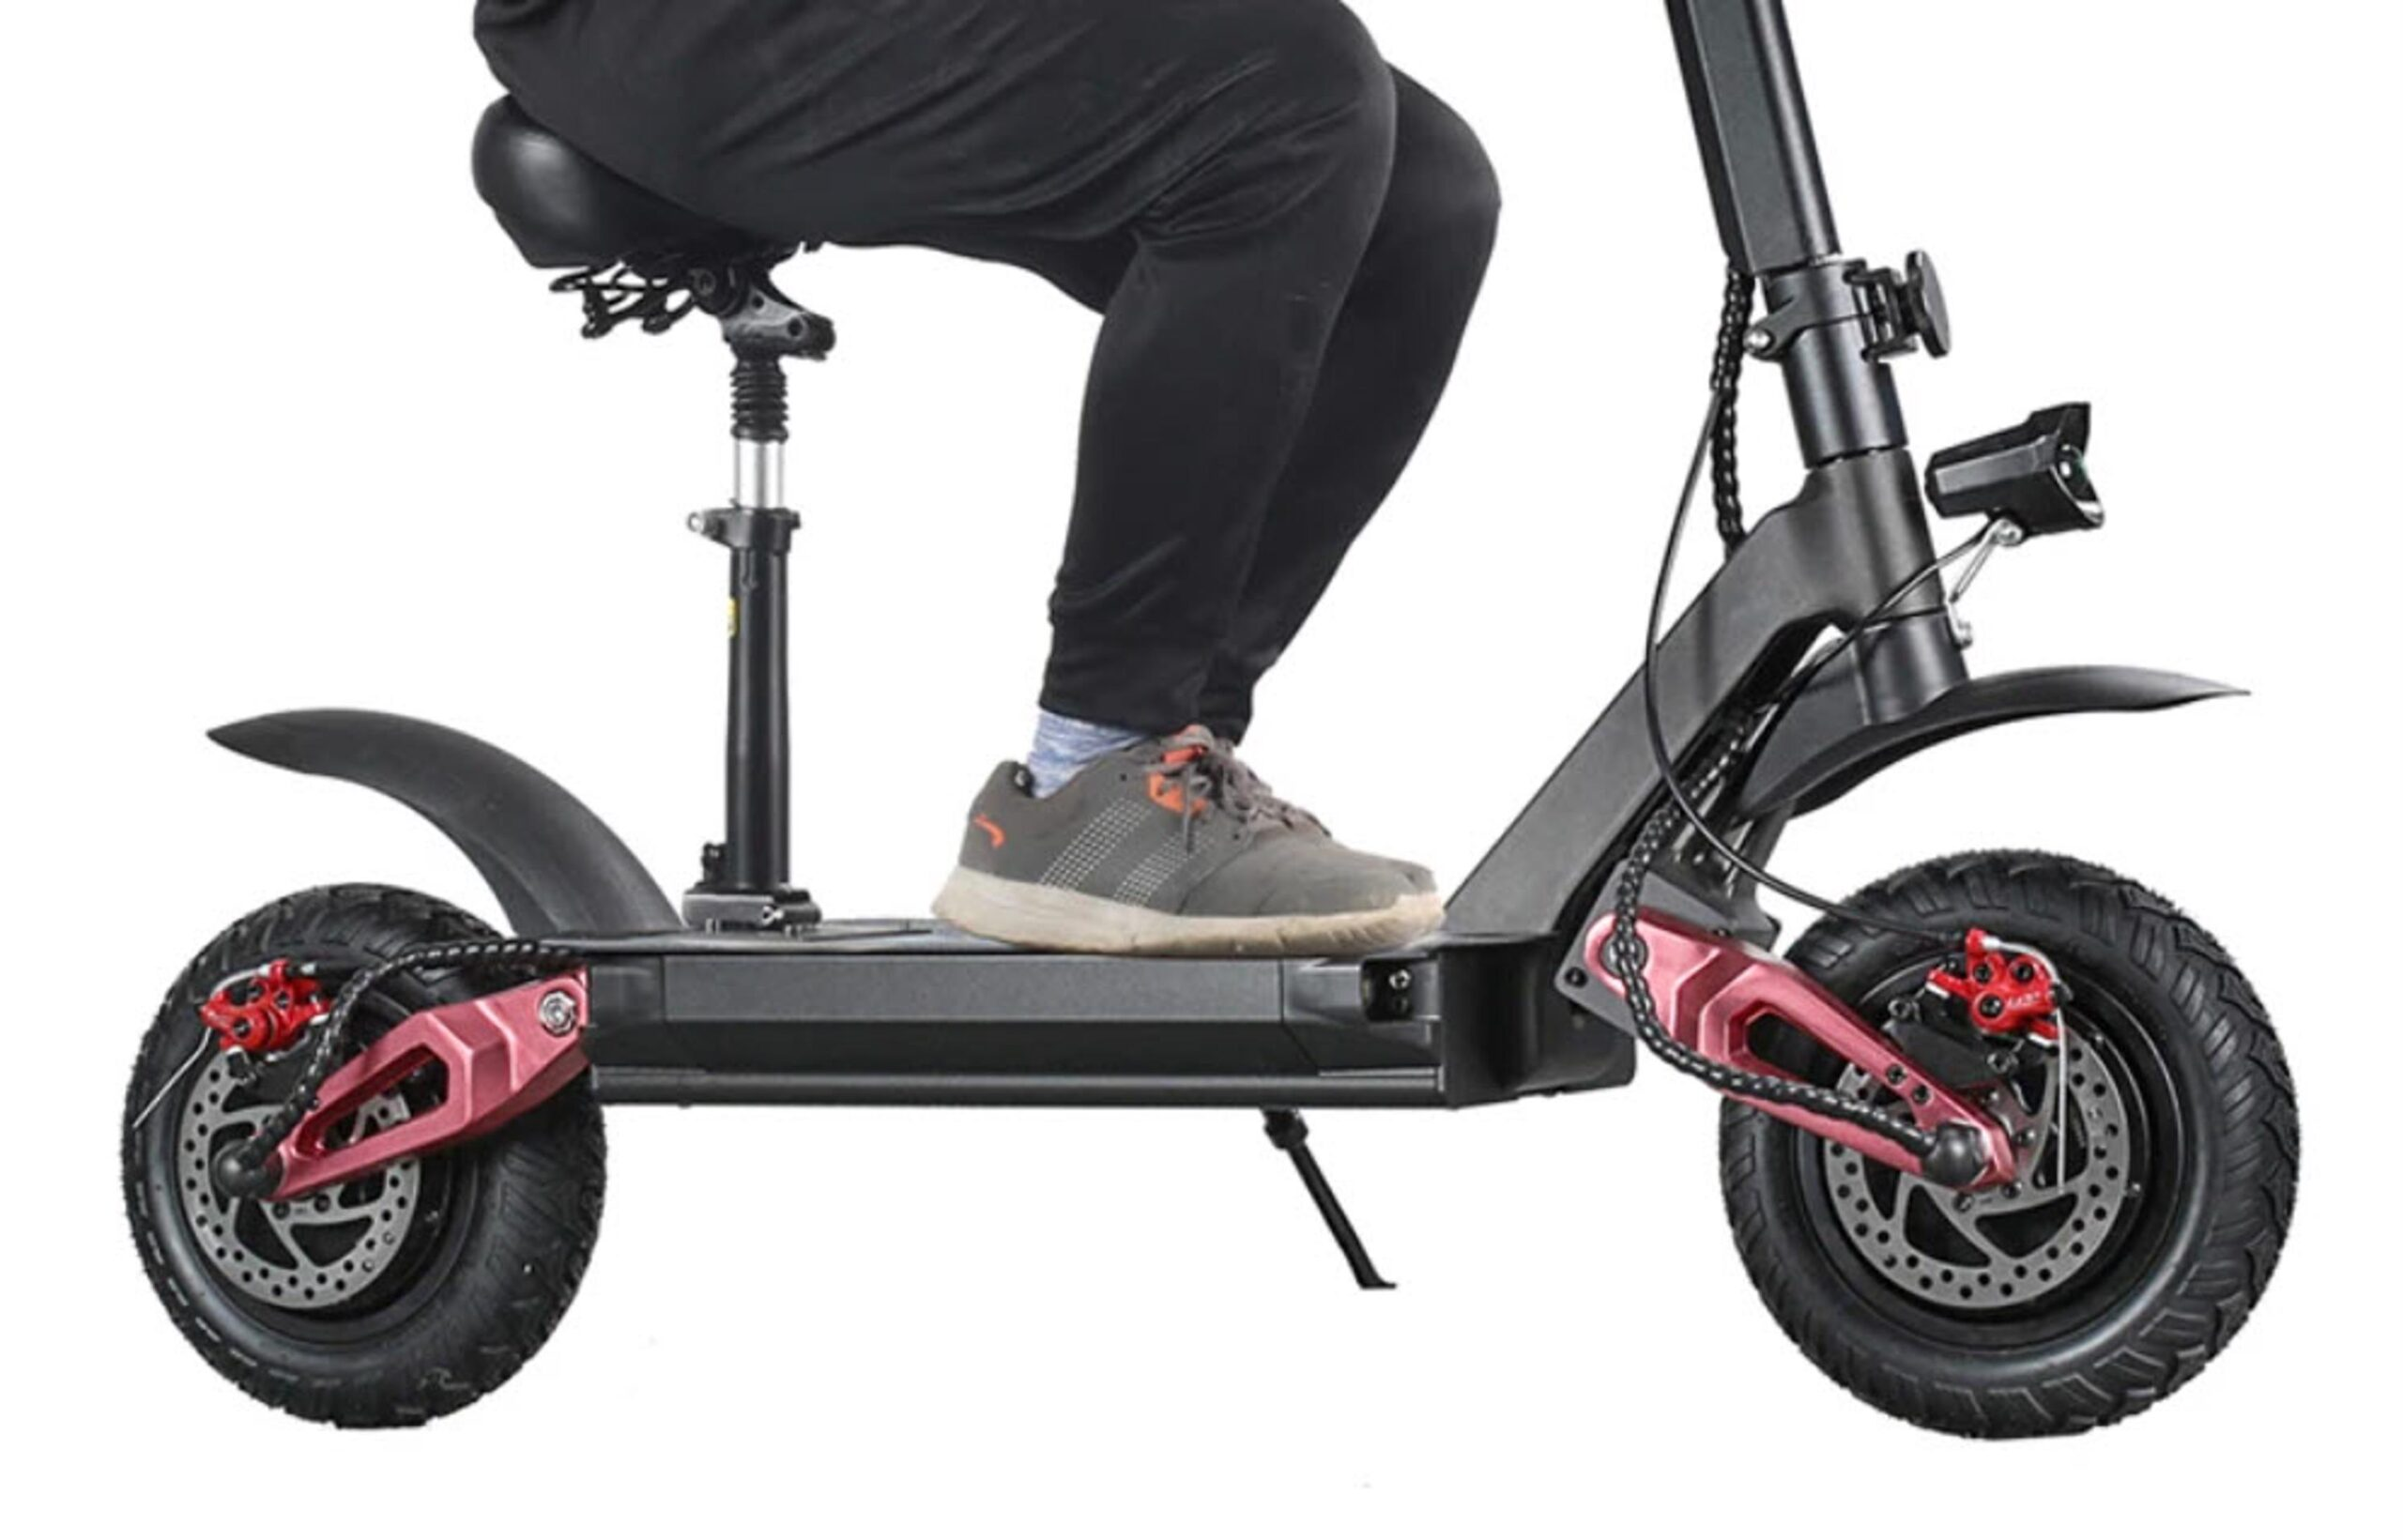 elektrische scooter Banggood-aanbieding